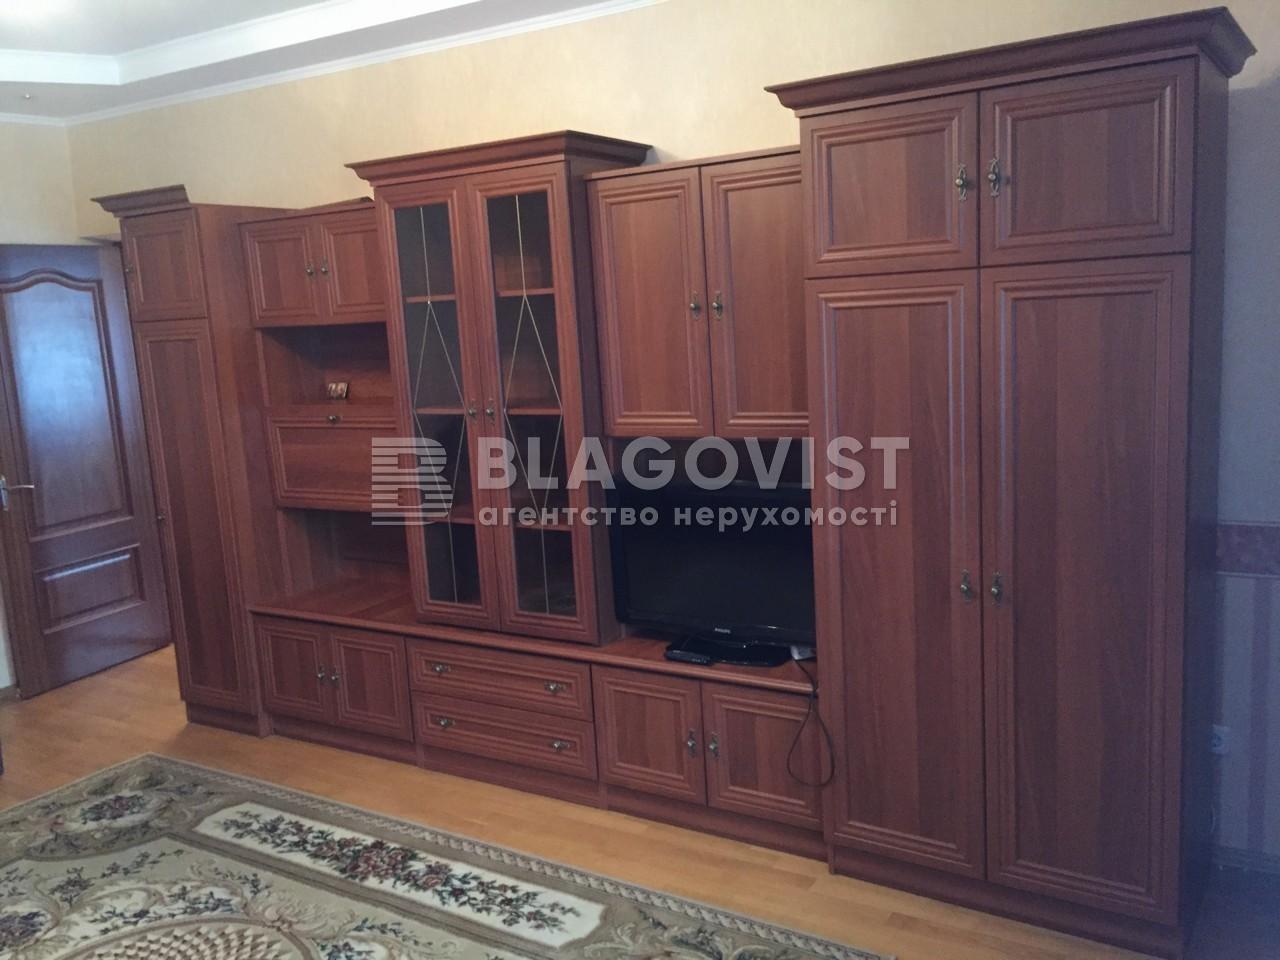 Квартира D-32559, Генерала Алмазова (Кутузова), 14, Киев - Фото 11